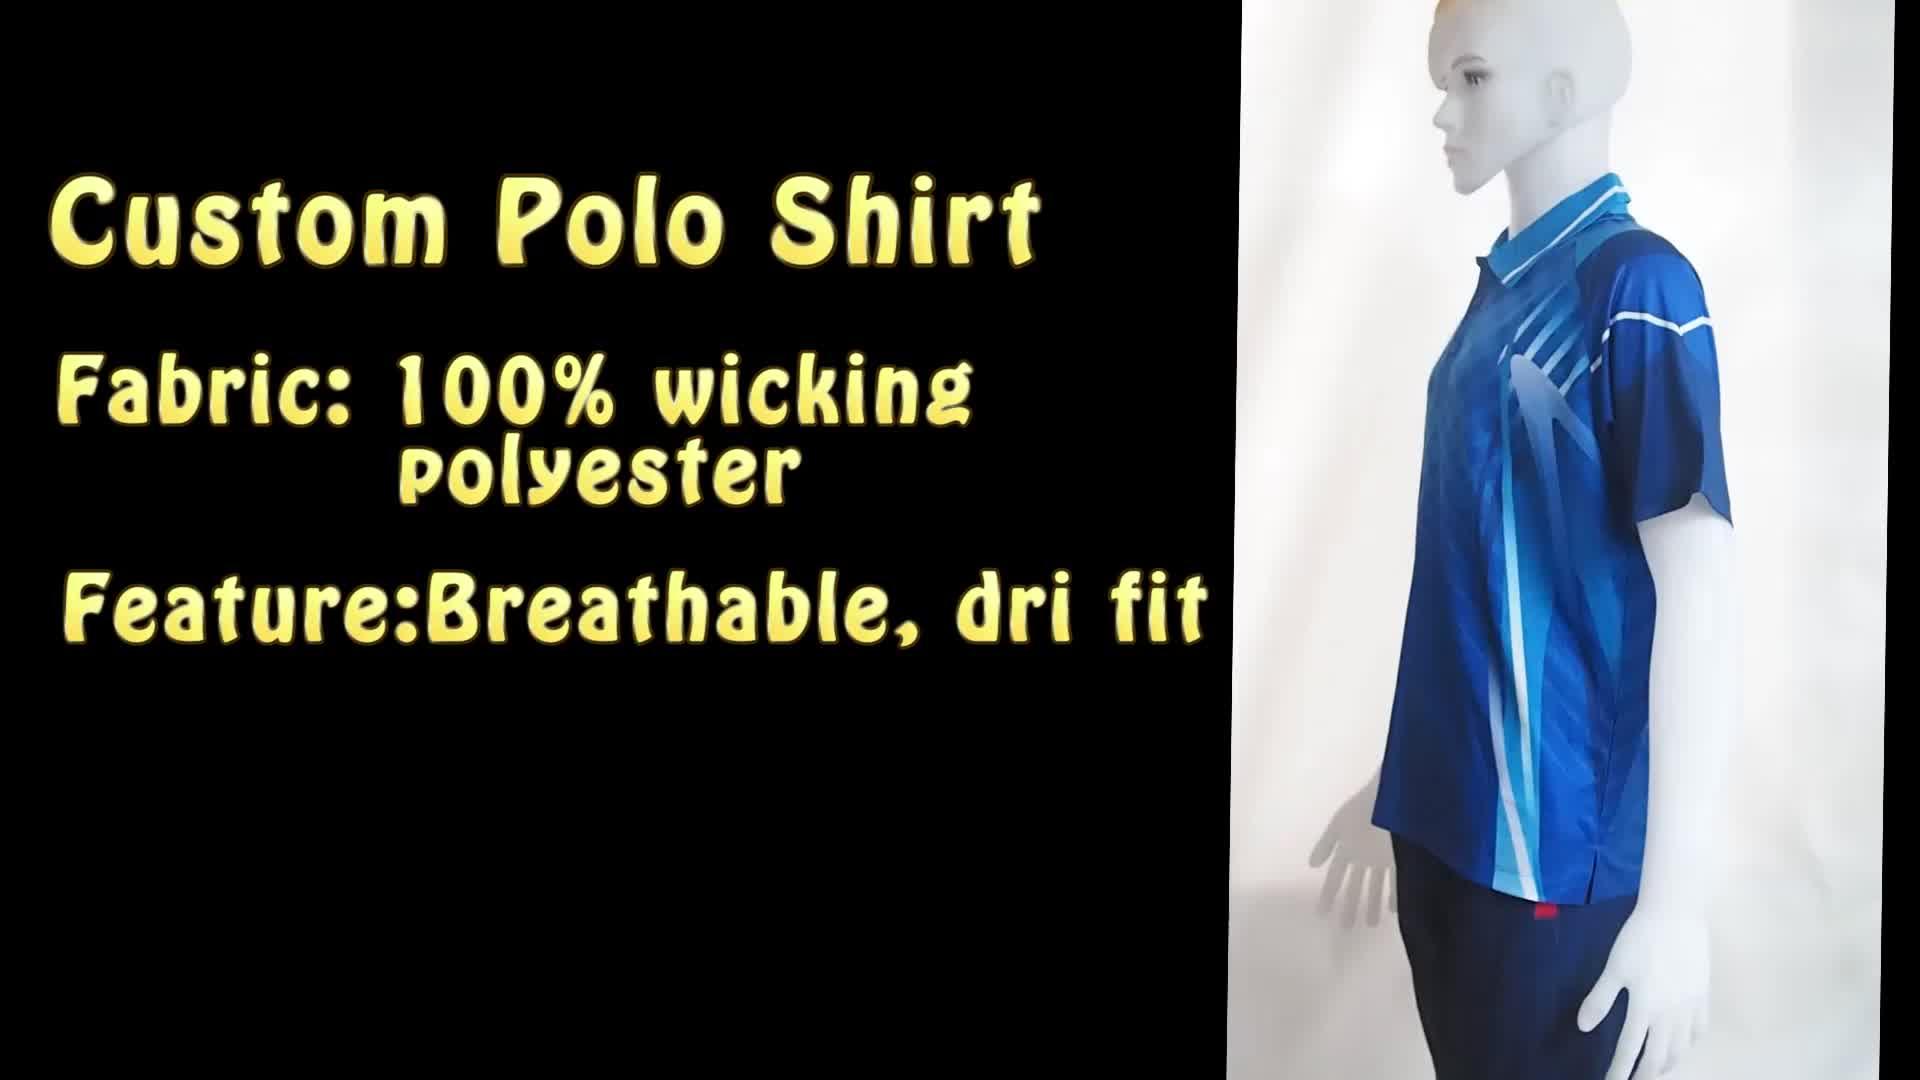 맞춤 학교 다트 셔츠 무료 디자인 승화 인쇄 로고 다트 폴로 셔츠 포켓